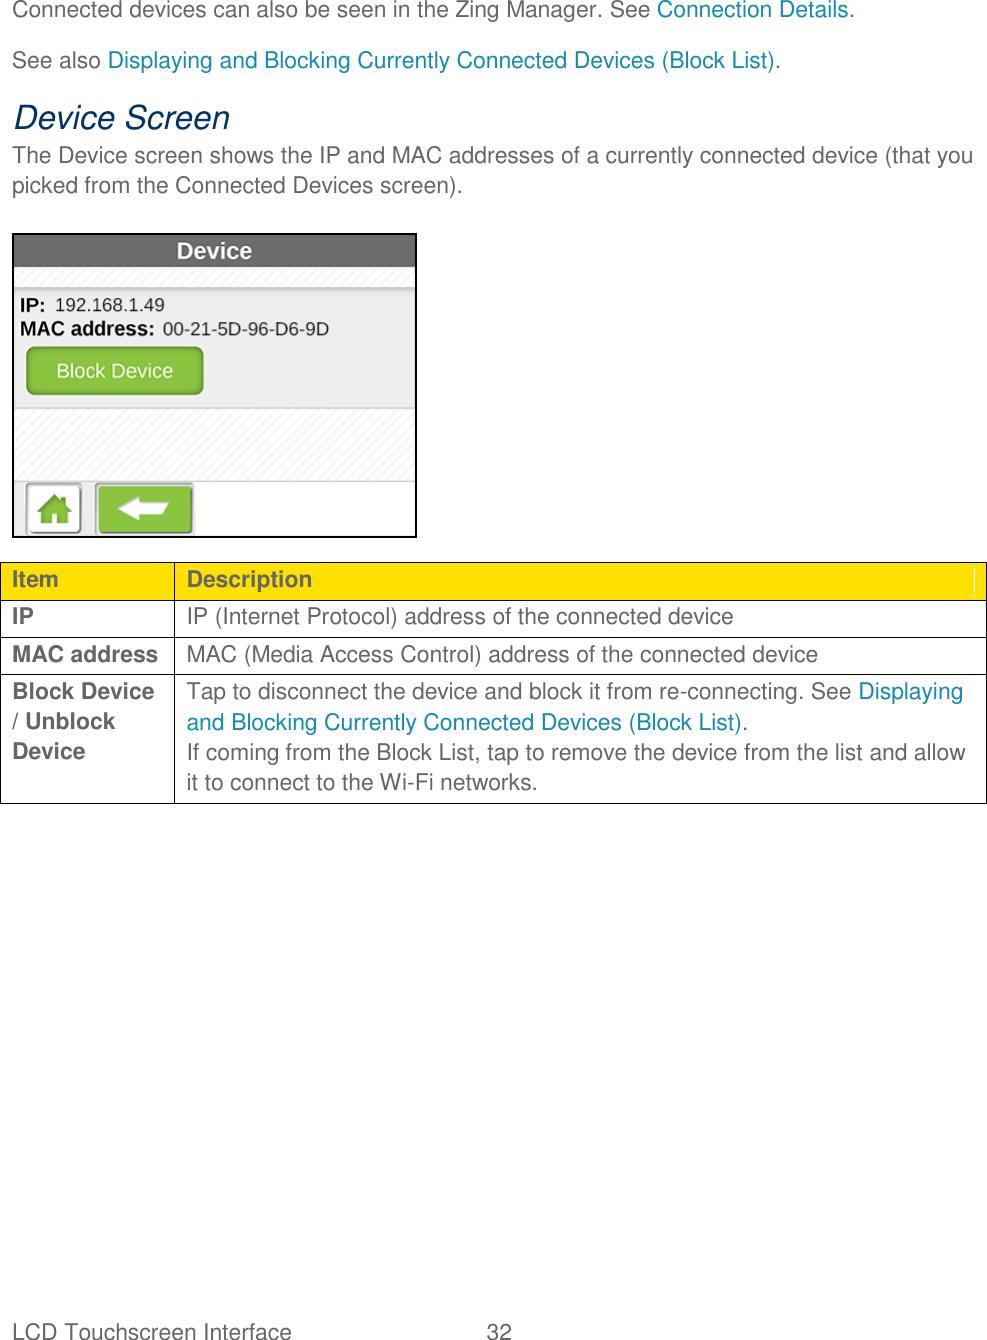 Netgear Aircard 771S Sprint User Guide